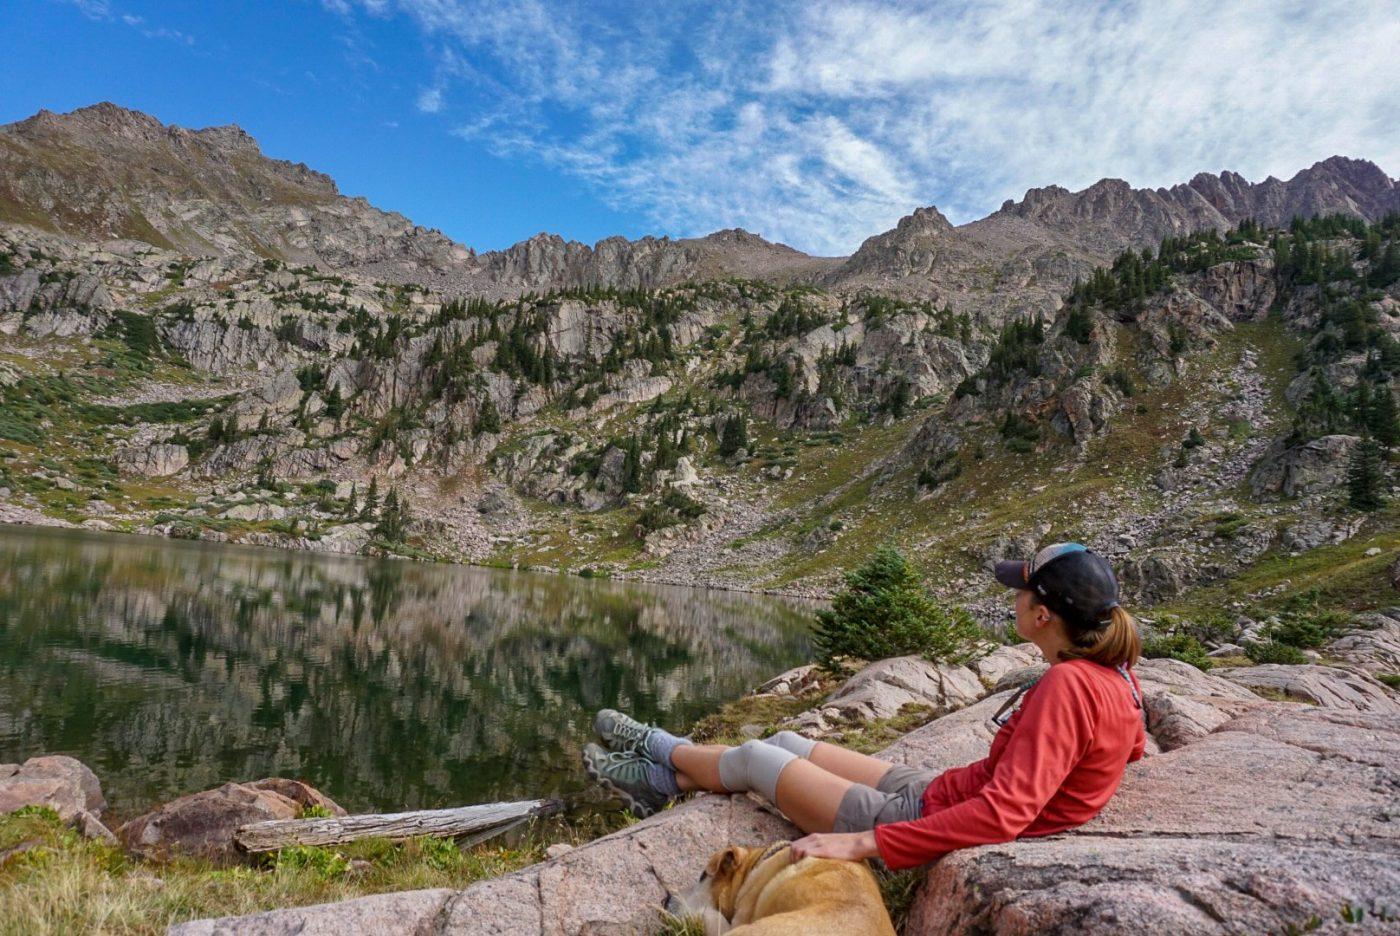 hiking footwear for women